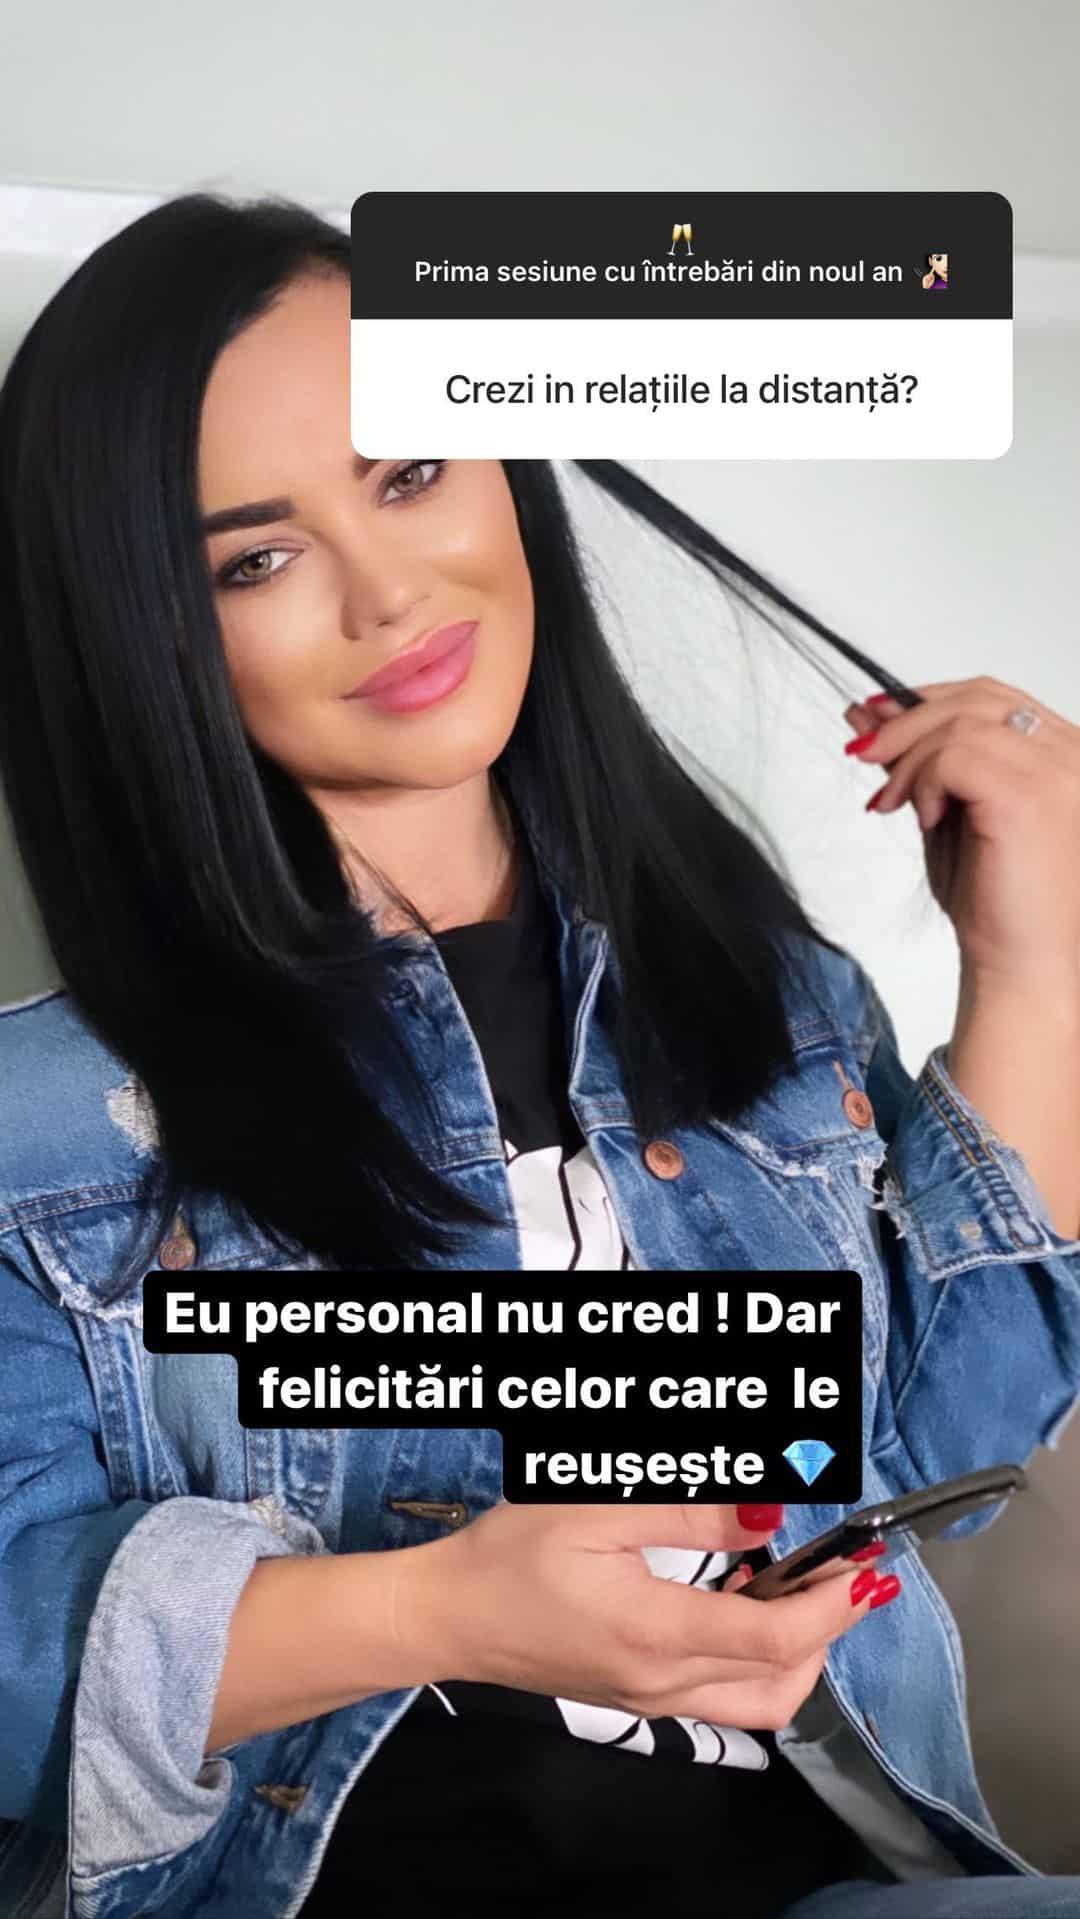 """Carmen de la Sălciua vorbește pentru prima data despre relațiile la distanță: """"Eu personal…"""""""